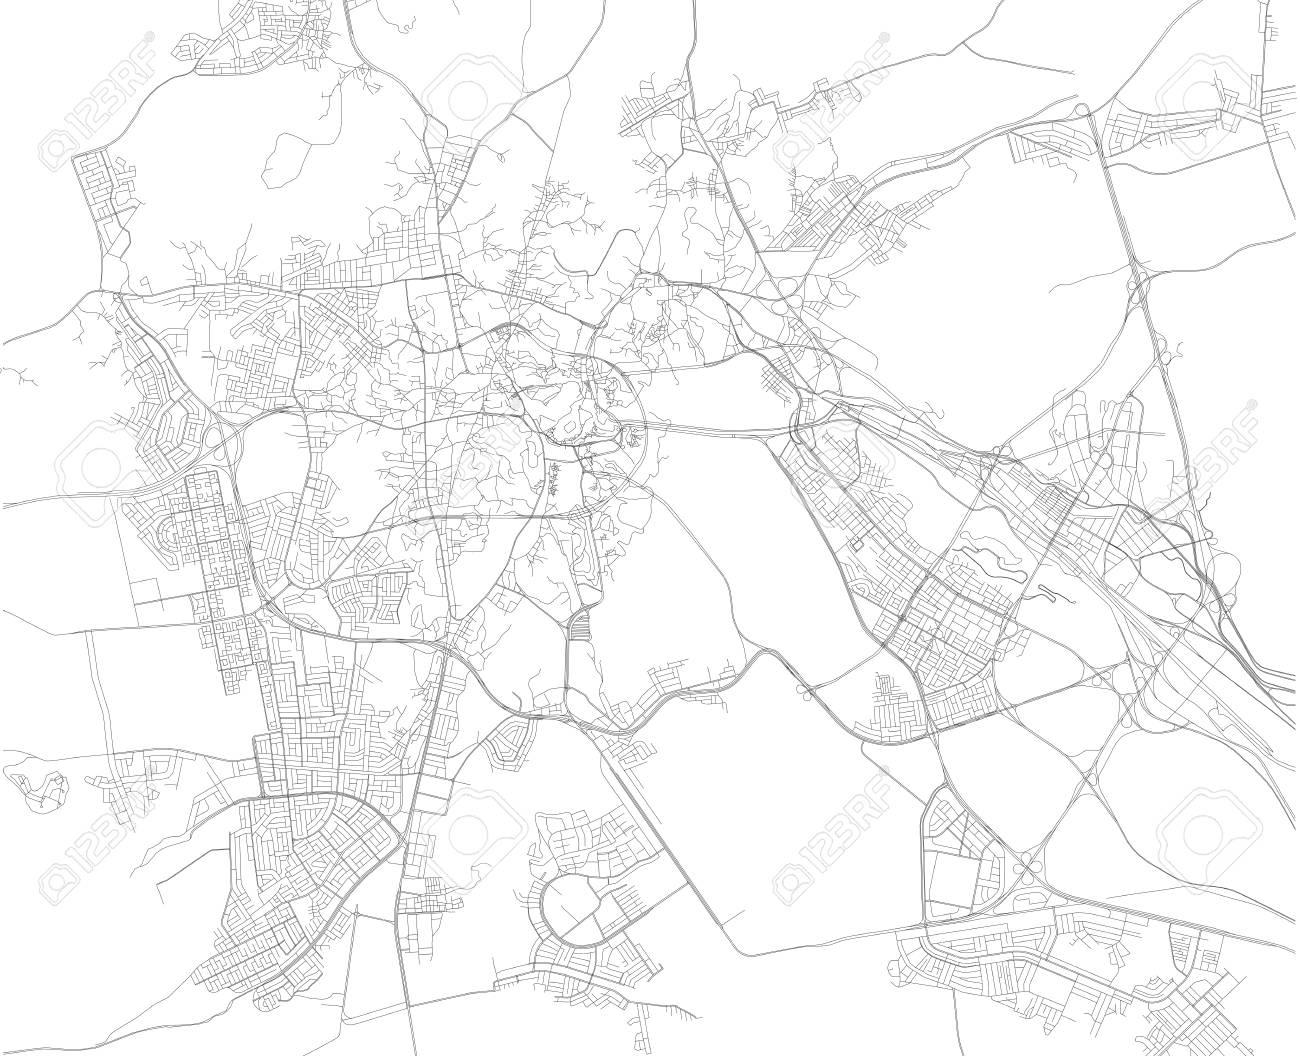 Mecca Map Makkah Is A City In The Hejazi Region Of The Arabian